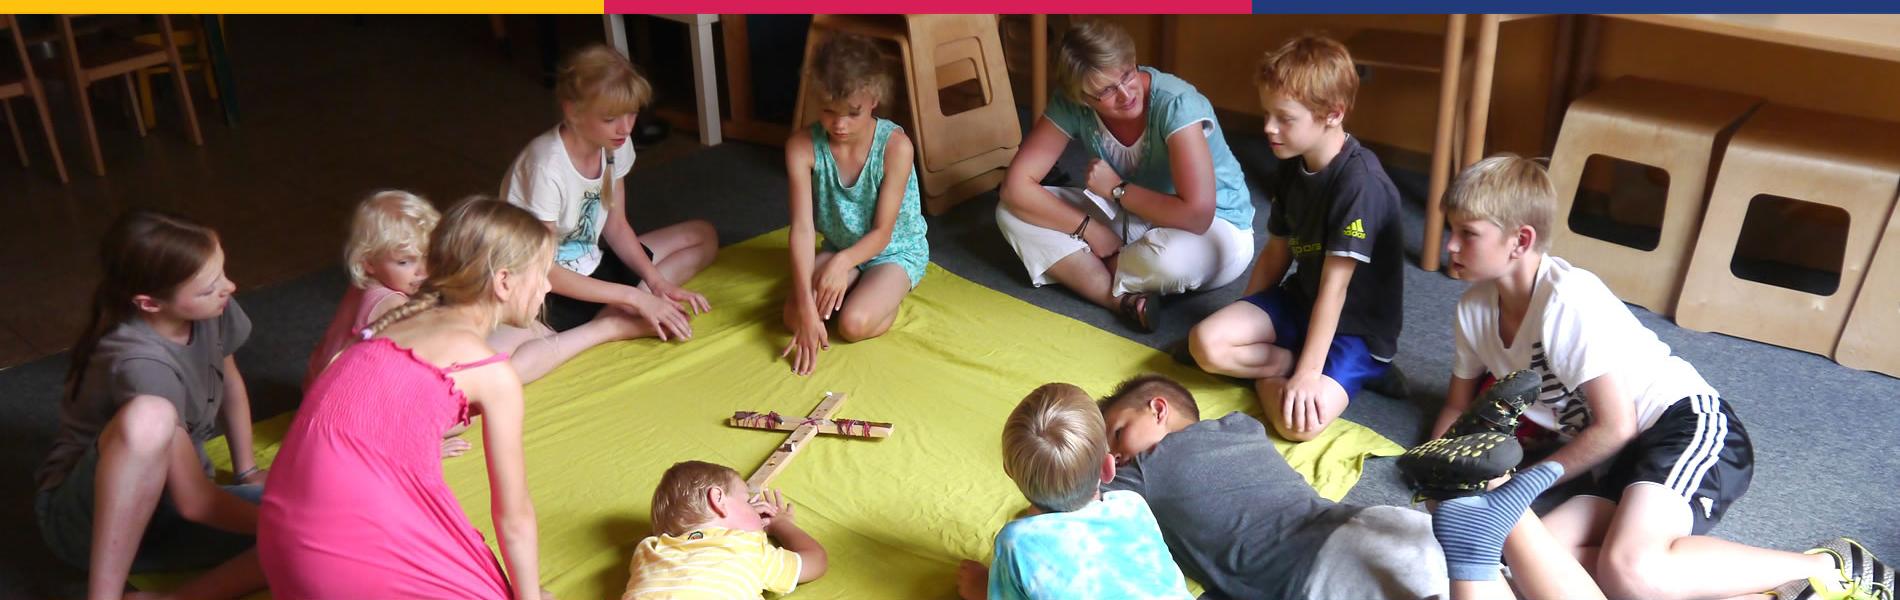 Kindergottesdienst | Landeskirchliche Gemeinschaft Osnabrück